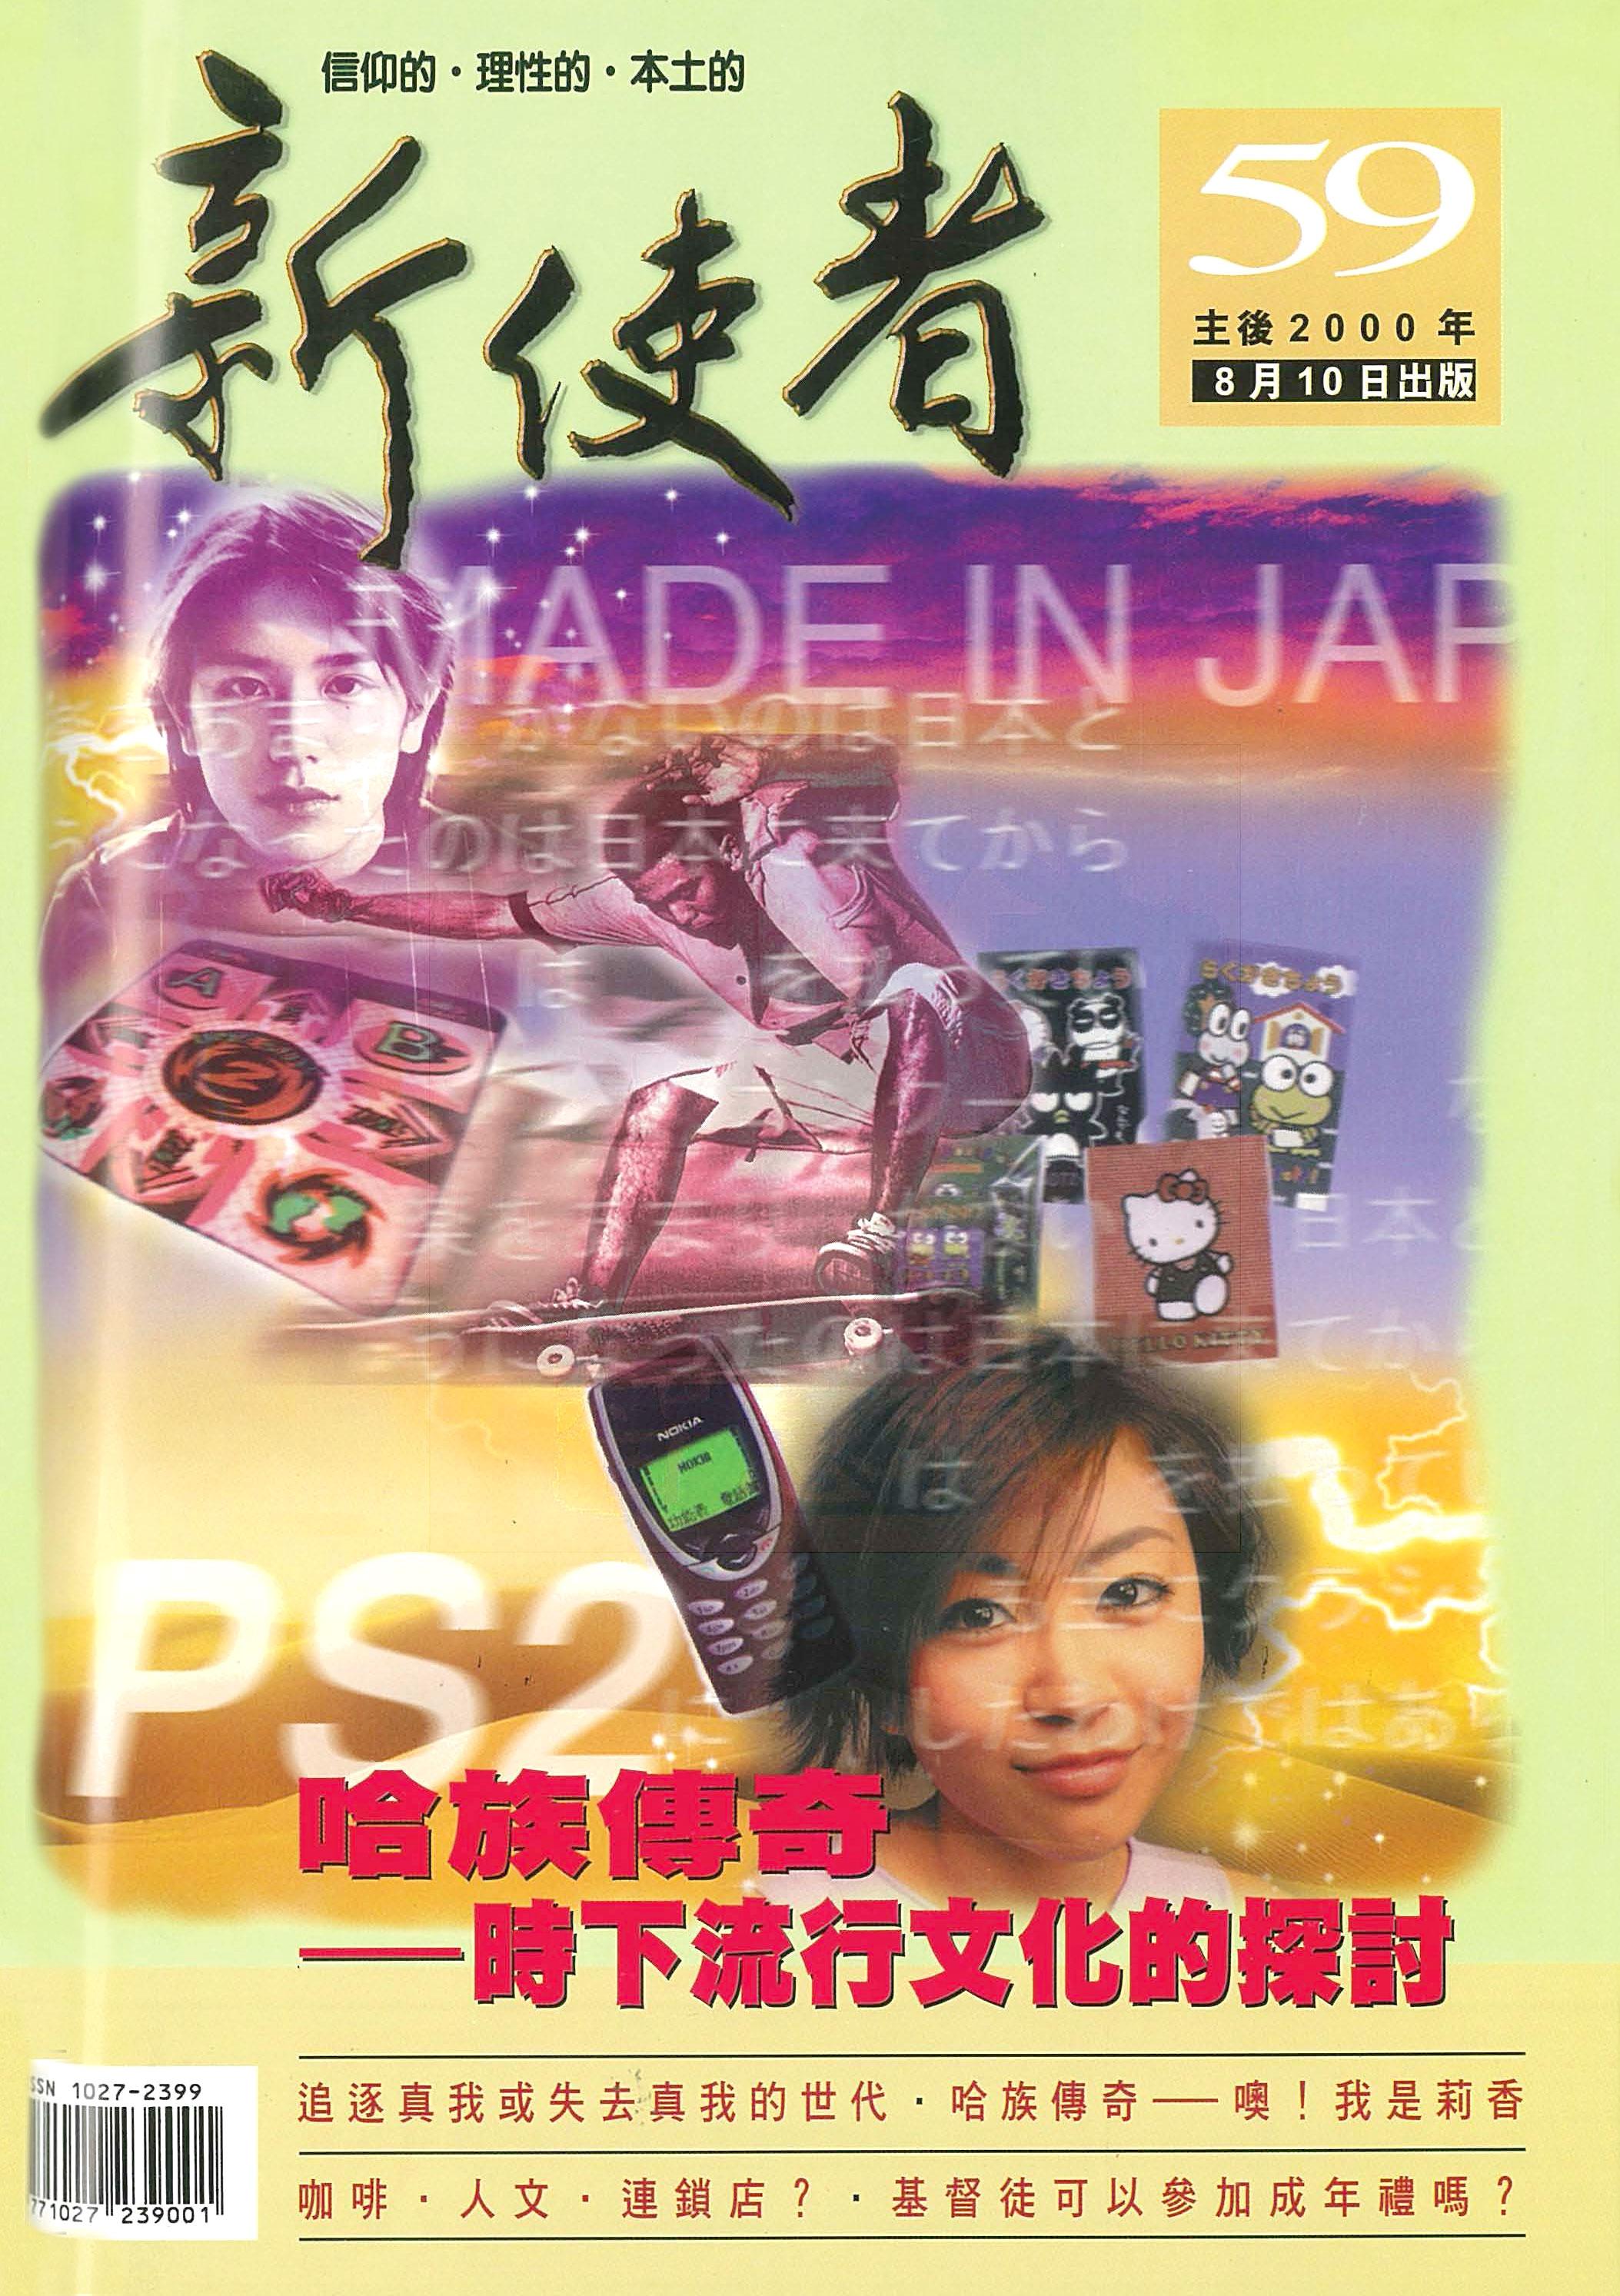 新使者雜誌 The New Messenger  59期  2000年  8月 哈族傳奇——時下流行文化的探討